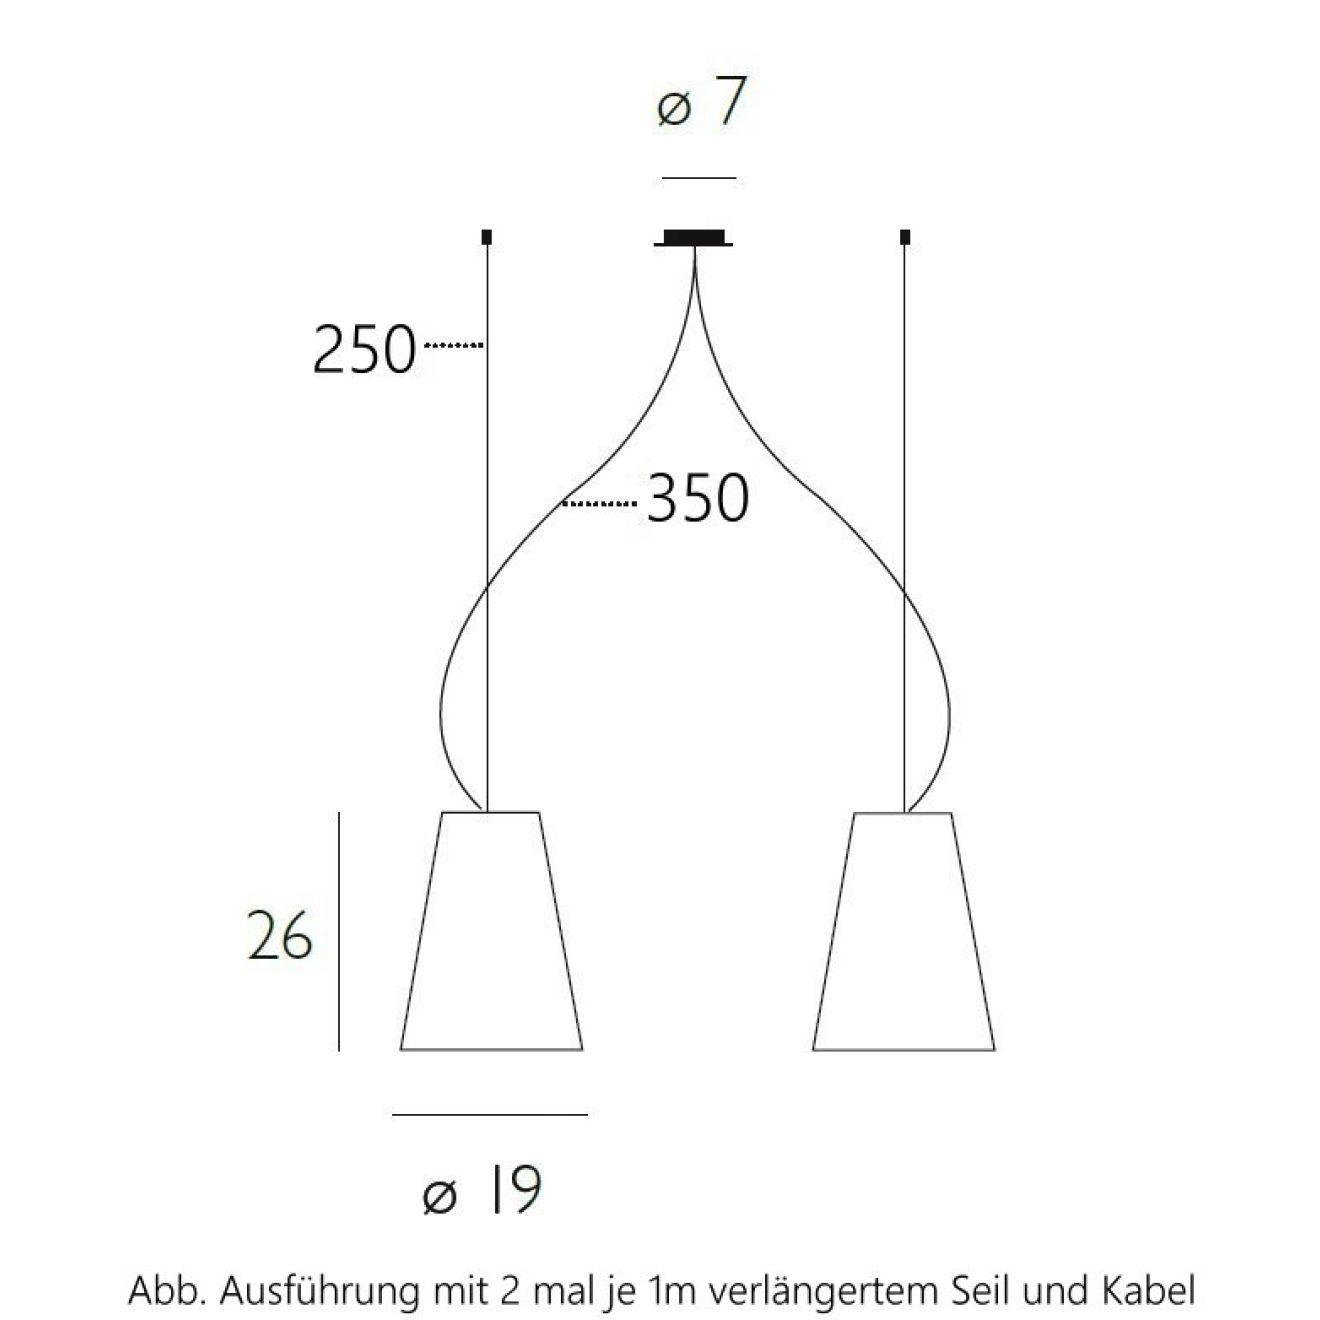 Ungewöhnlich 4 Wege Schaltplan Mehrere Lichter Galerie - Elektrische ...